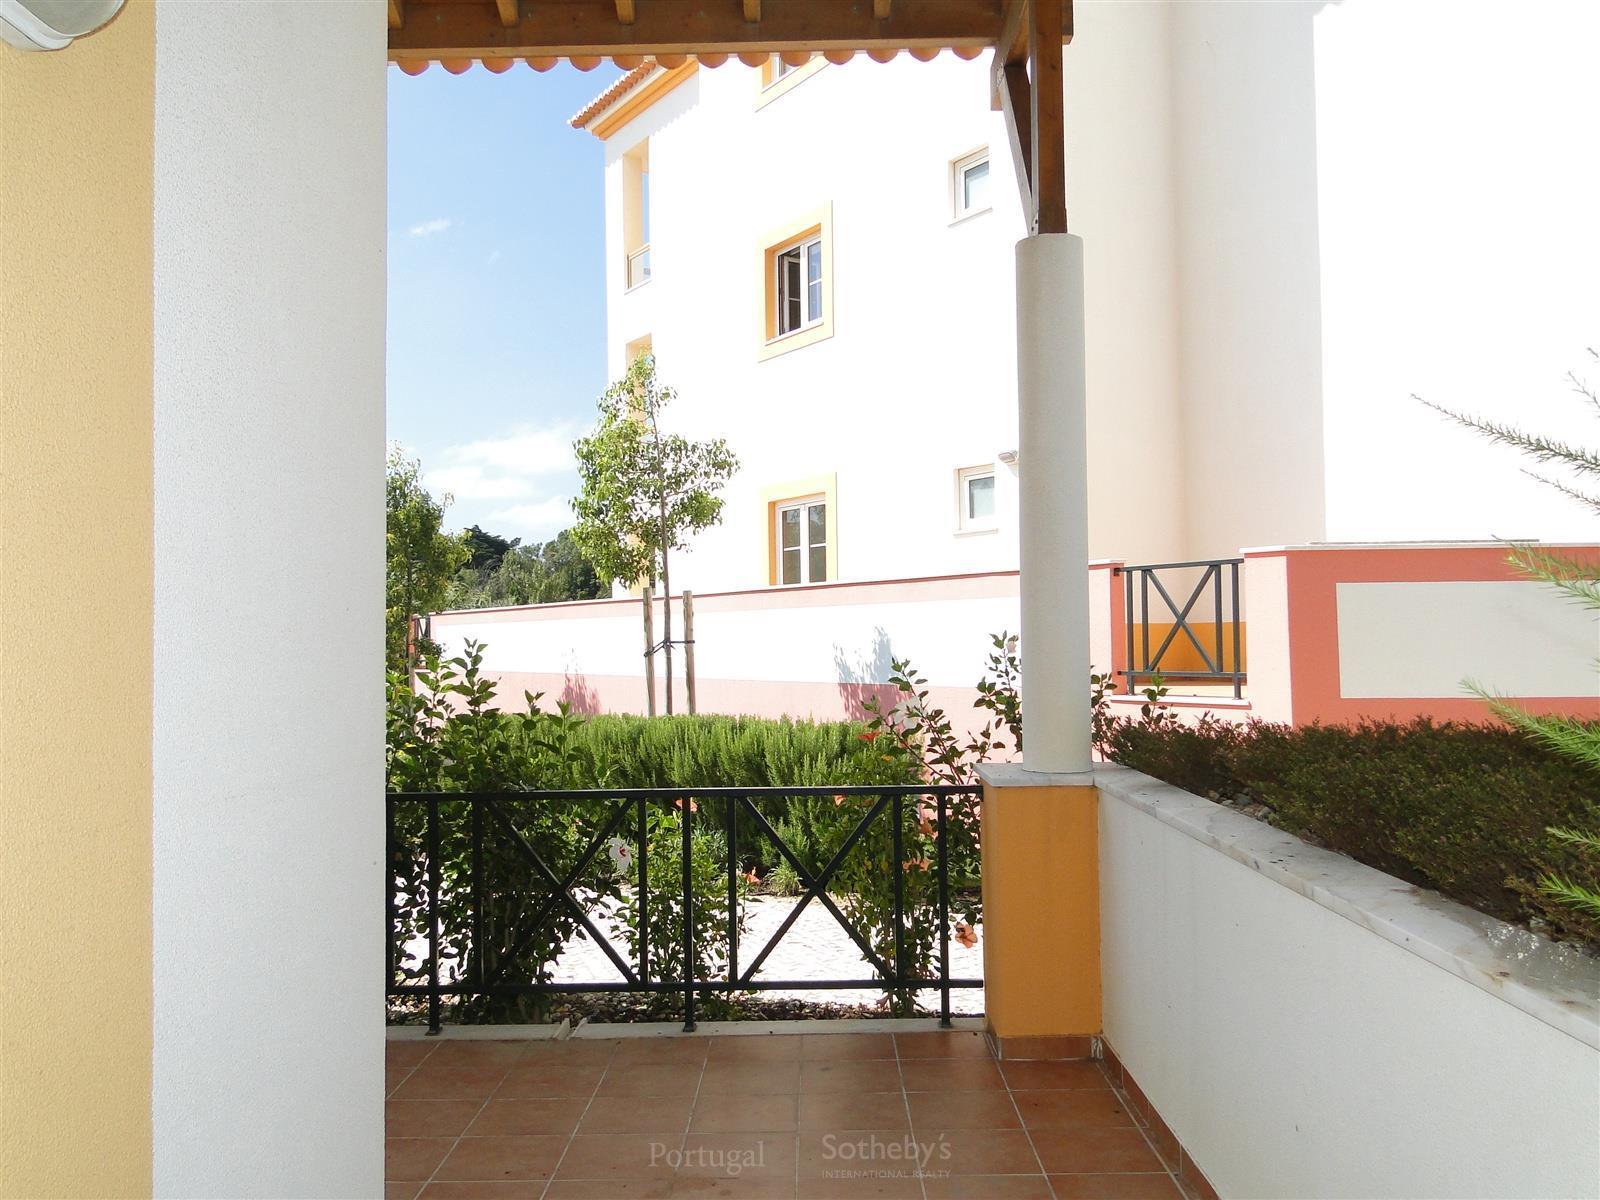 Căn hộ vì Bán tại Flat, 4 bedrooms, for Sale Beloura, Sintra, Lisboa Bồ Đào Nha